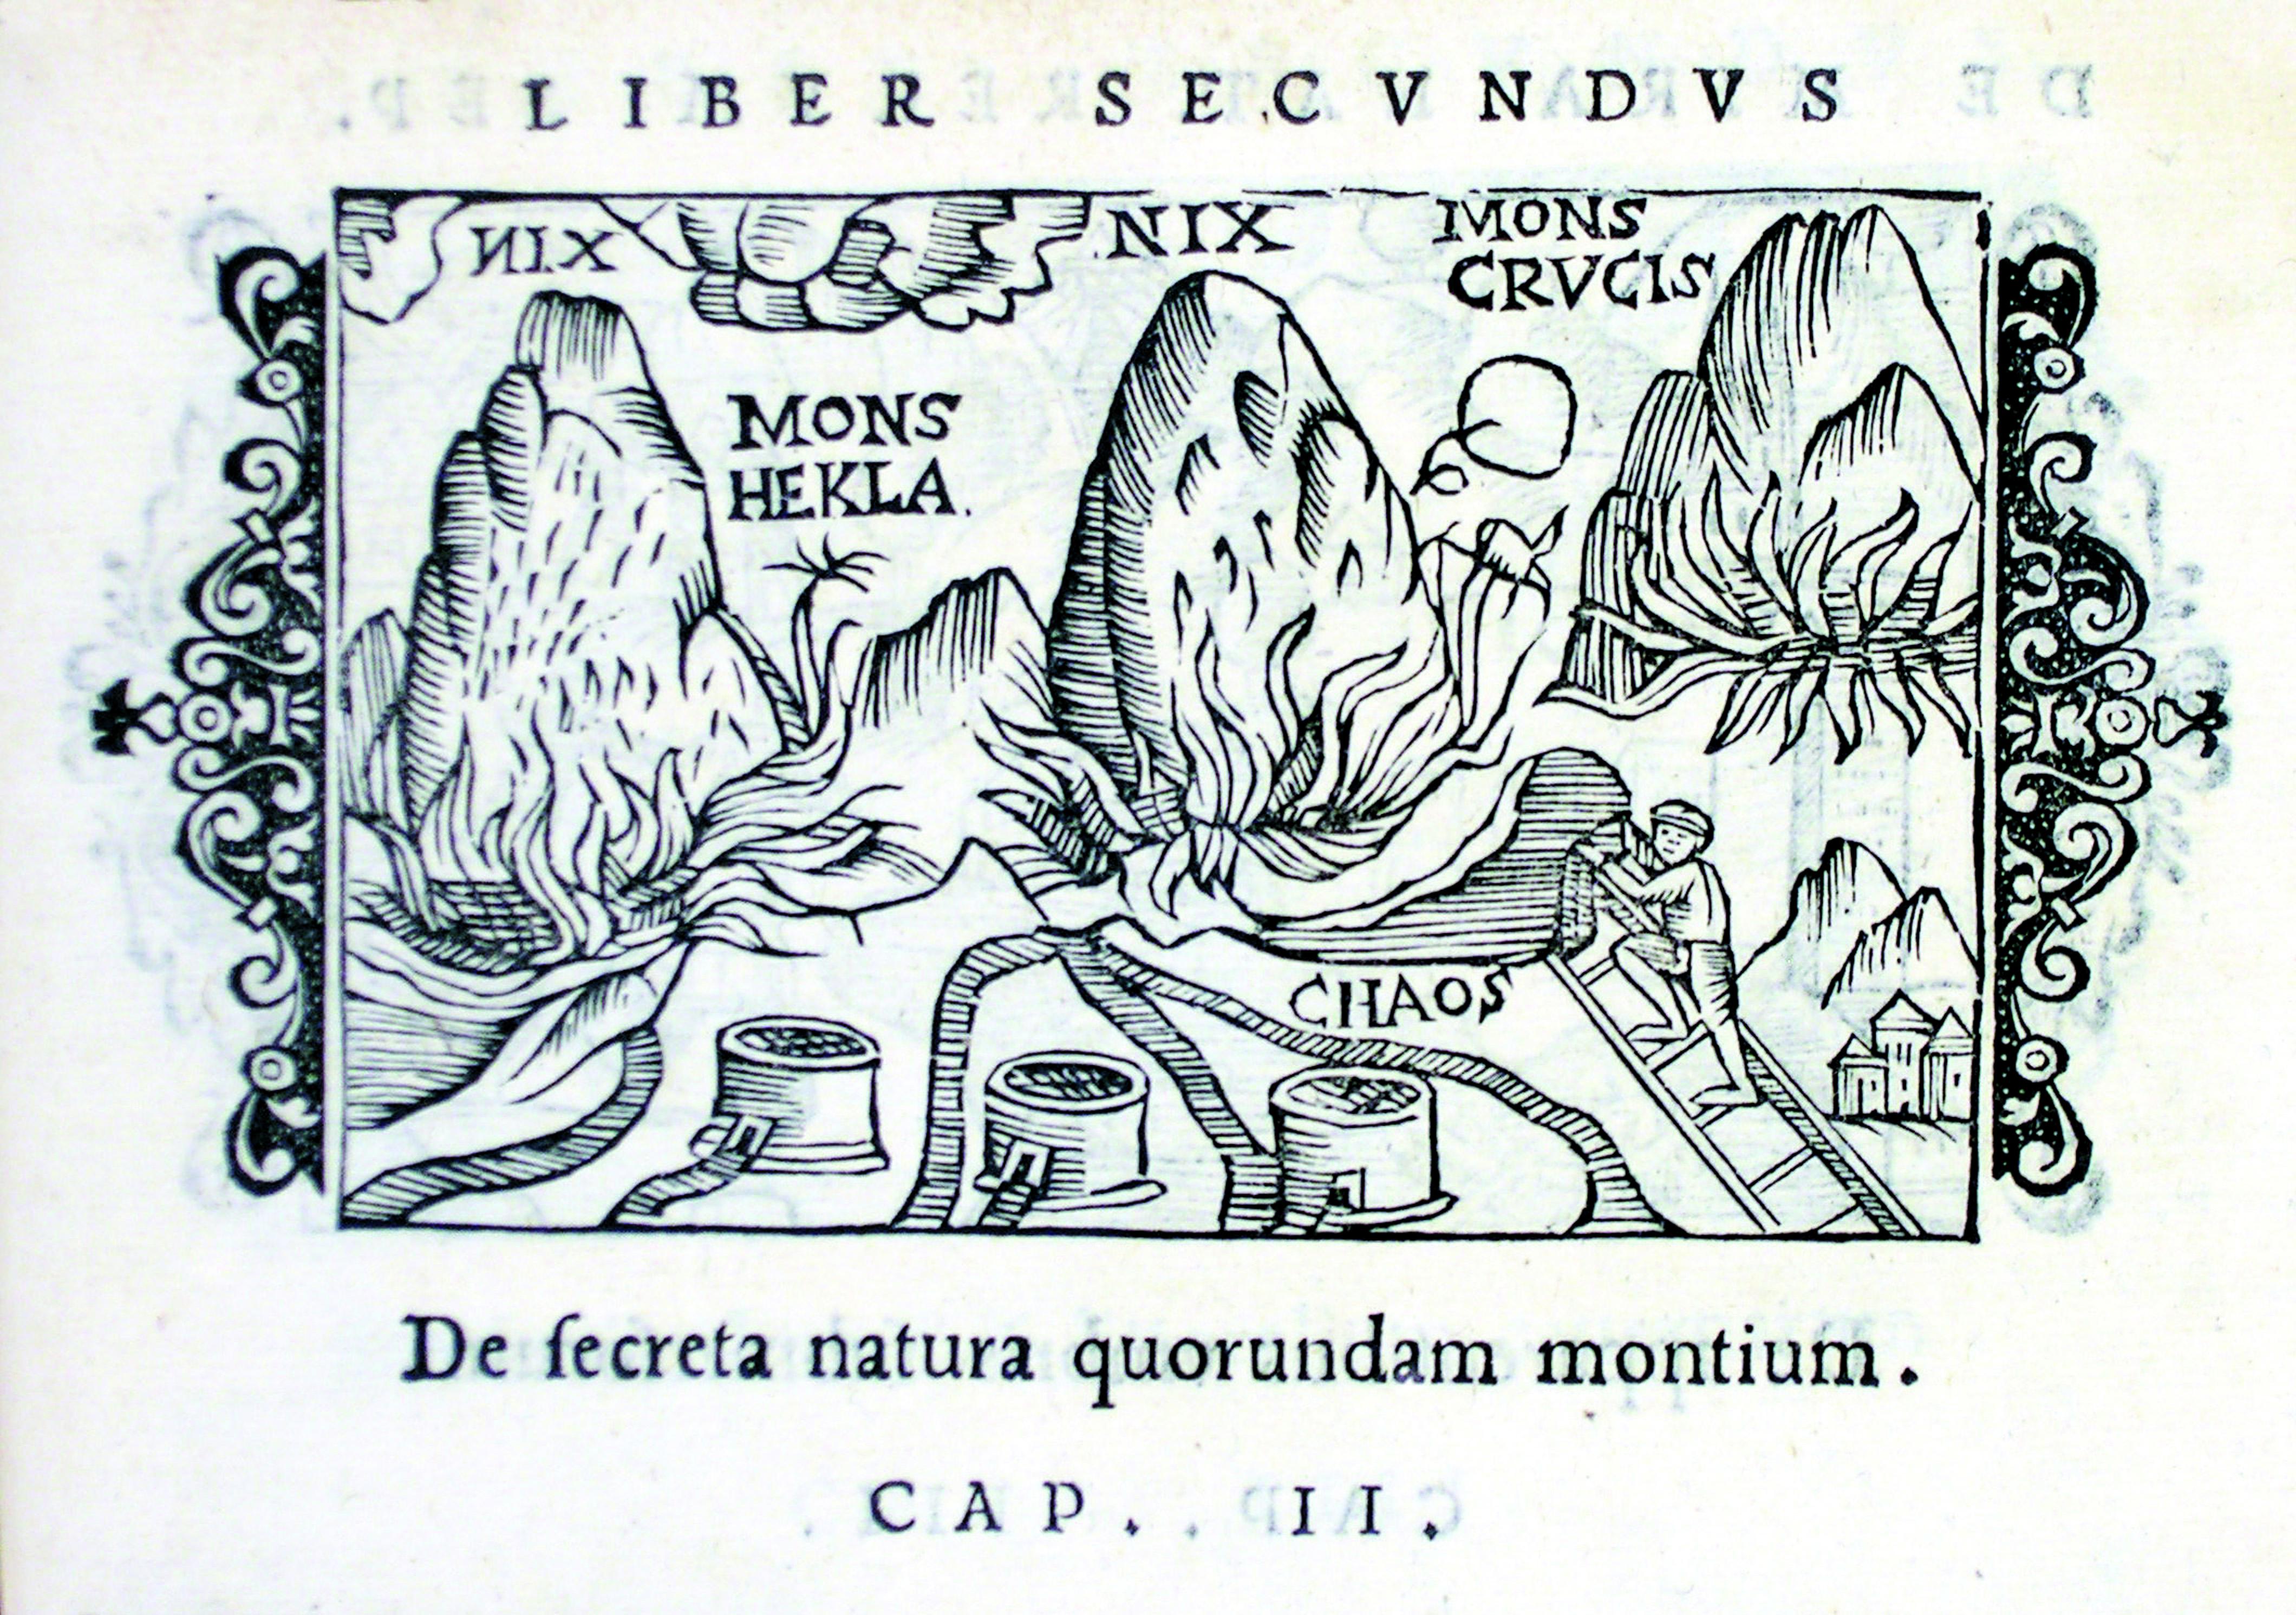 30 sXVI 243 Magnus Ekla (detalle)